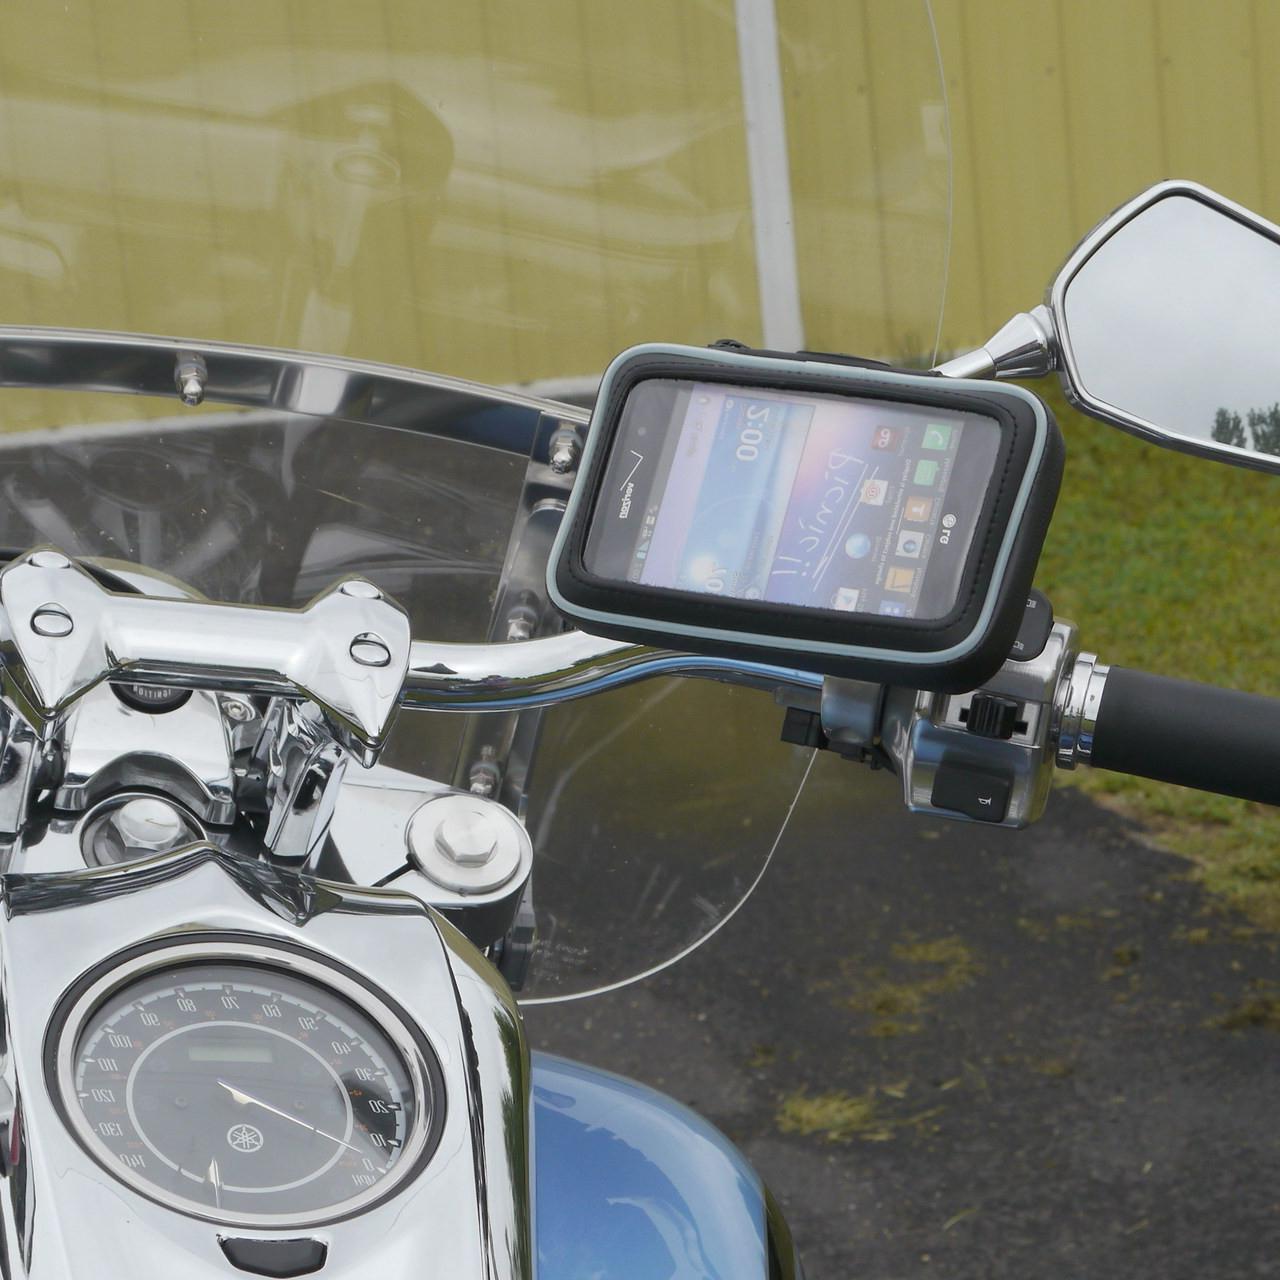 htc 10 new one x9 note7 iphone7 GPS機車手機架摩托車手機架導航架重型機車電動車導航摩托車手機支架